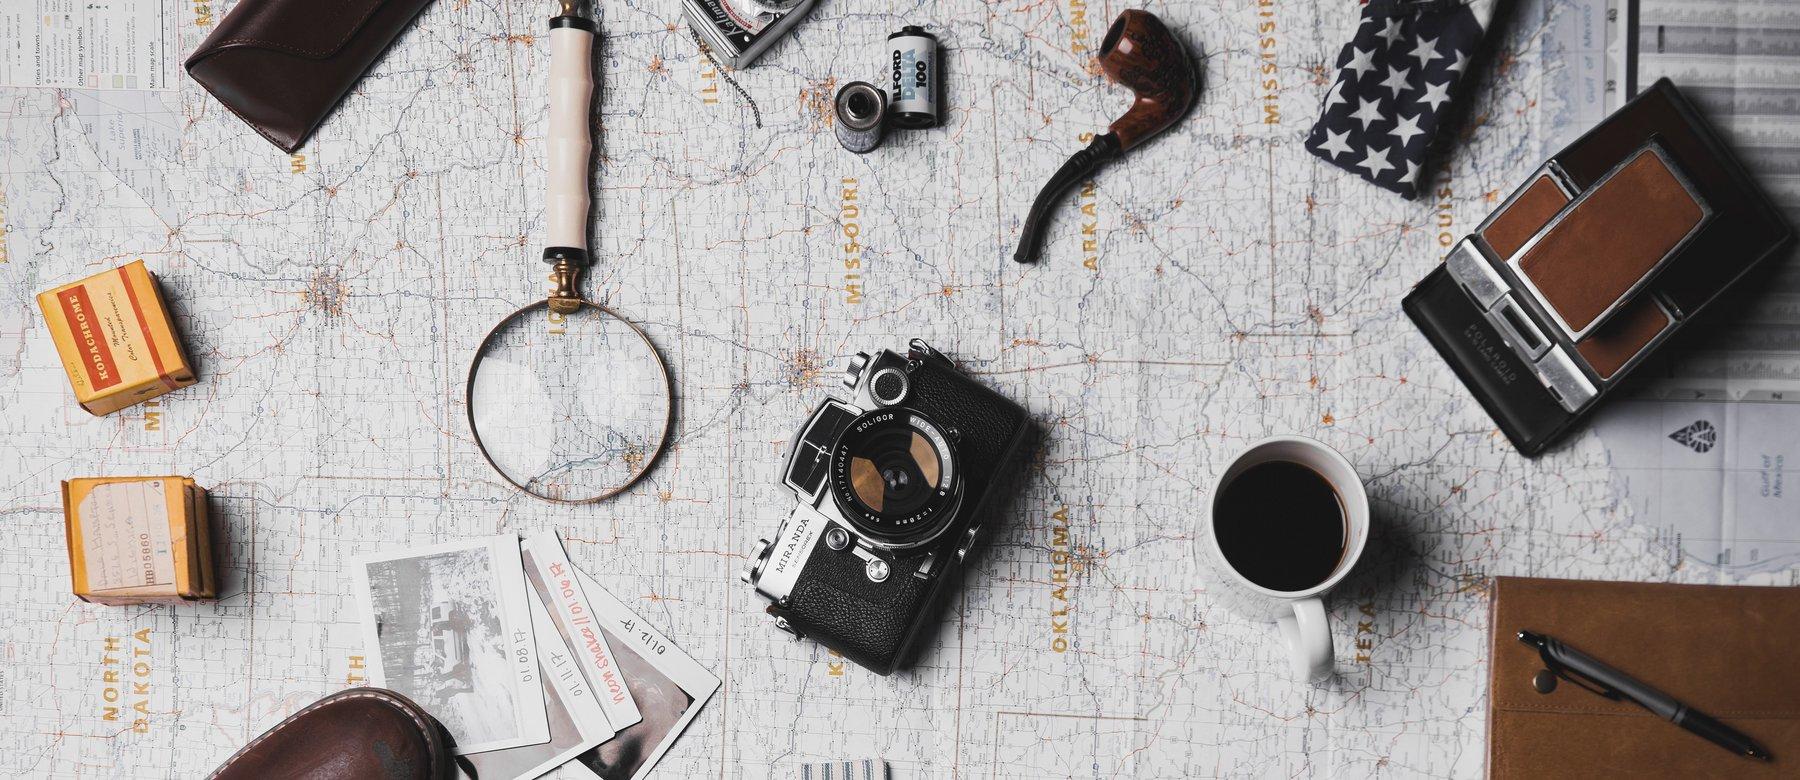 Karte, Kamera, Lupe, Schuhe, usw - alles bereit für ein Abenteuer